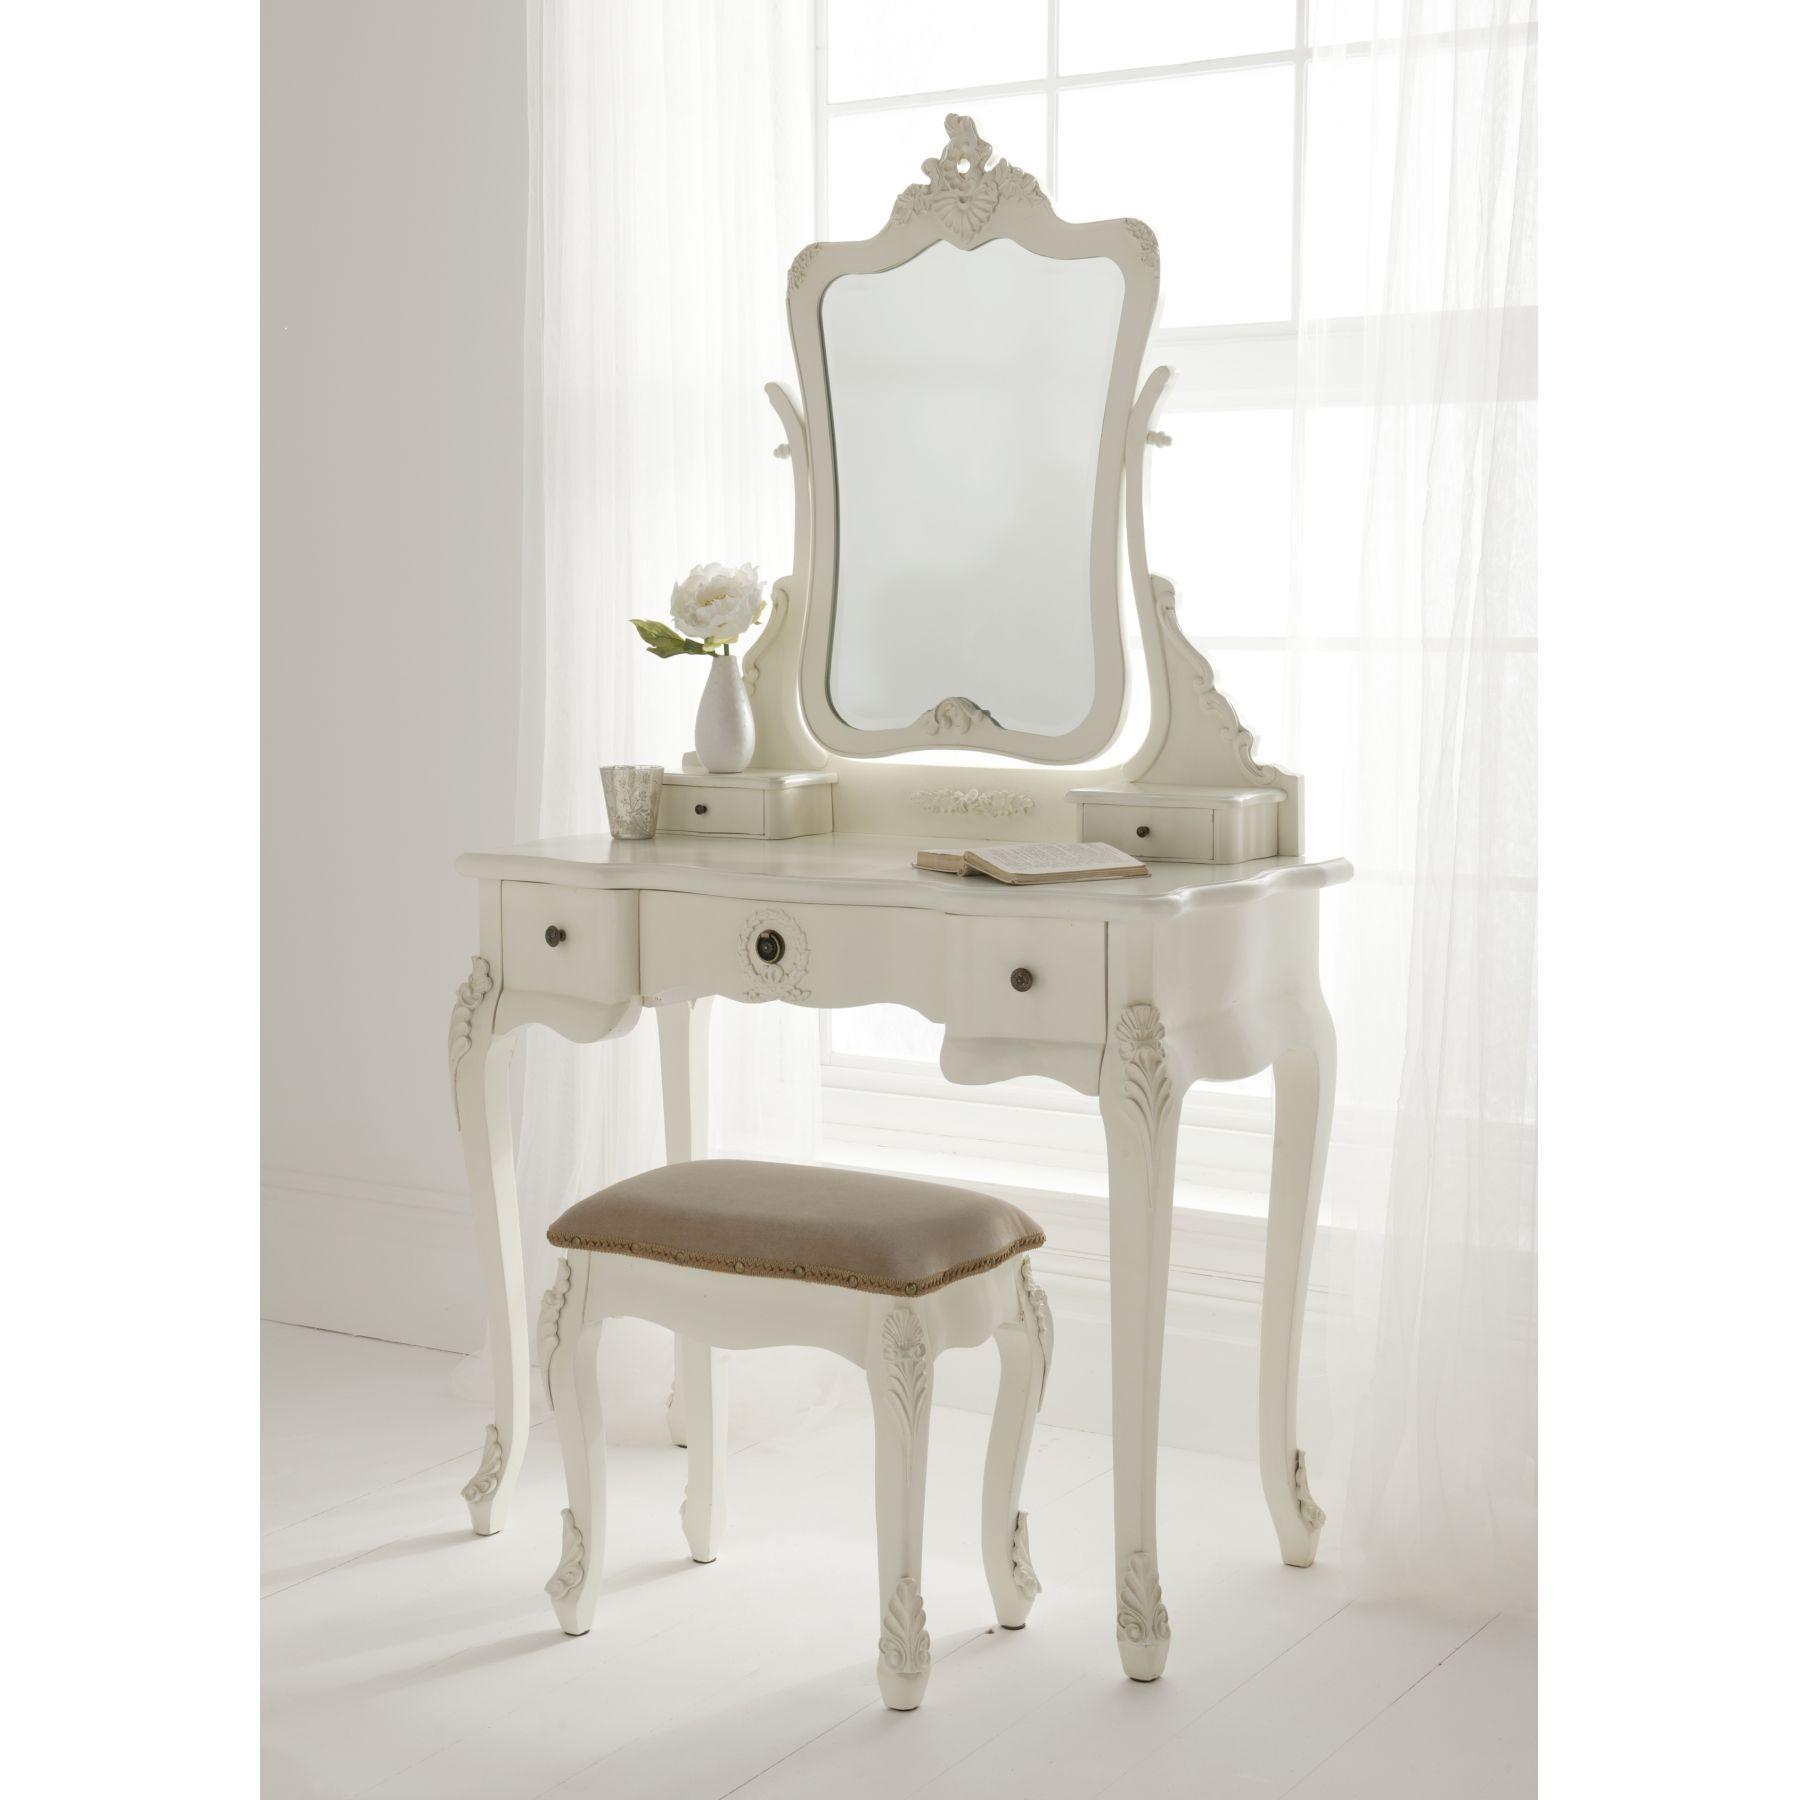 Vintage style ladies vanity dressing table with mirror bedroom